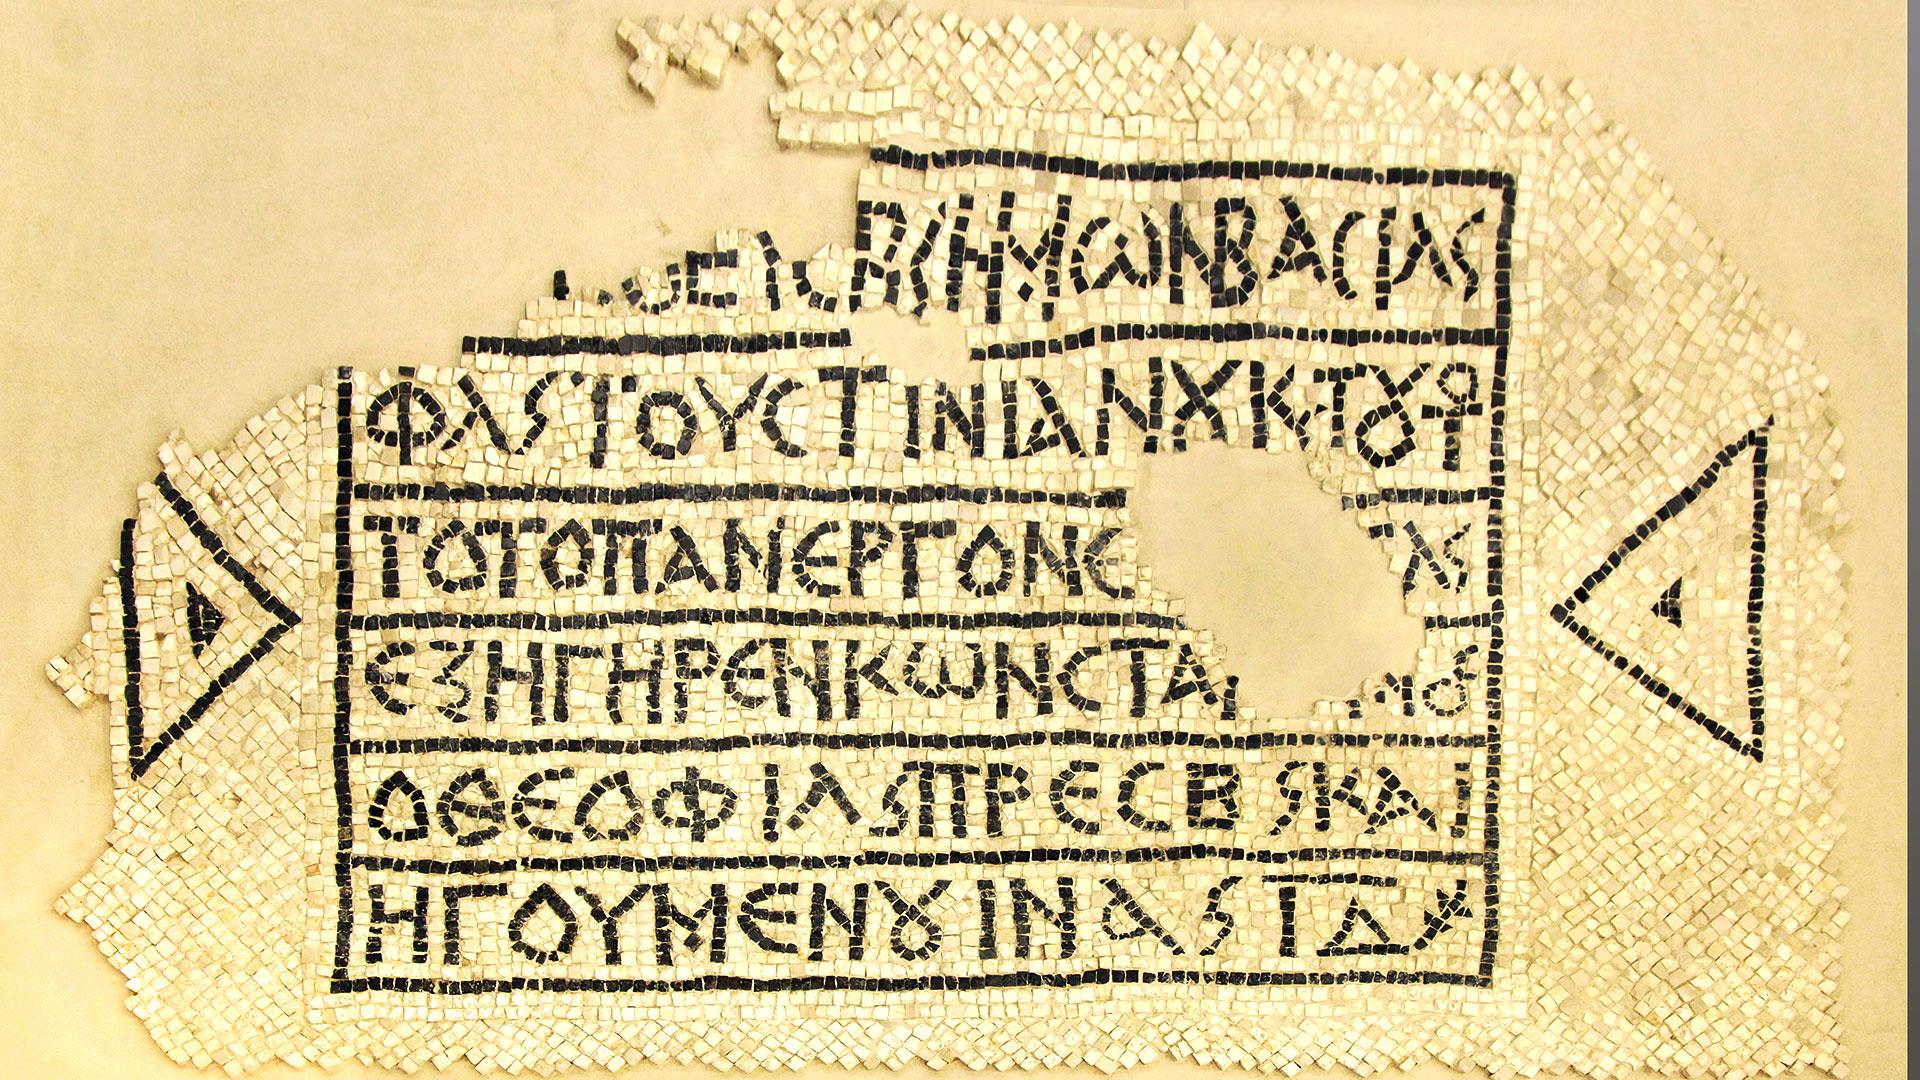 פסיפס ובו כתובת הקדשה ביוונית ירושלים, 551 לספירה, אבן וטיח